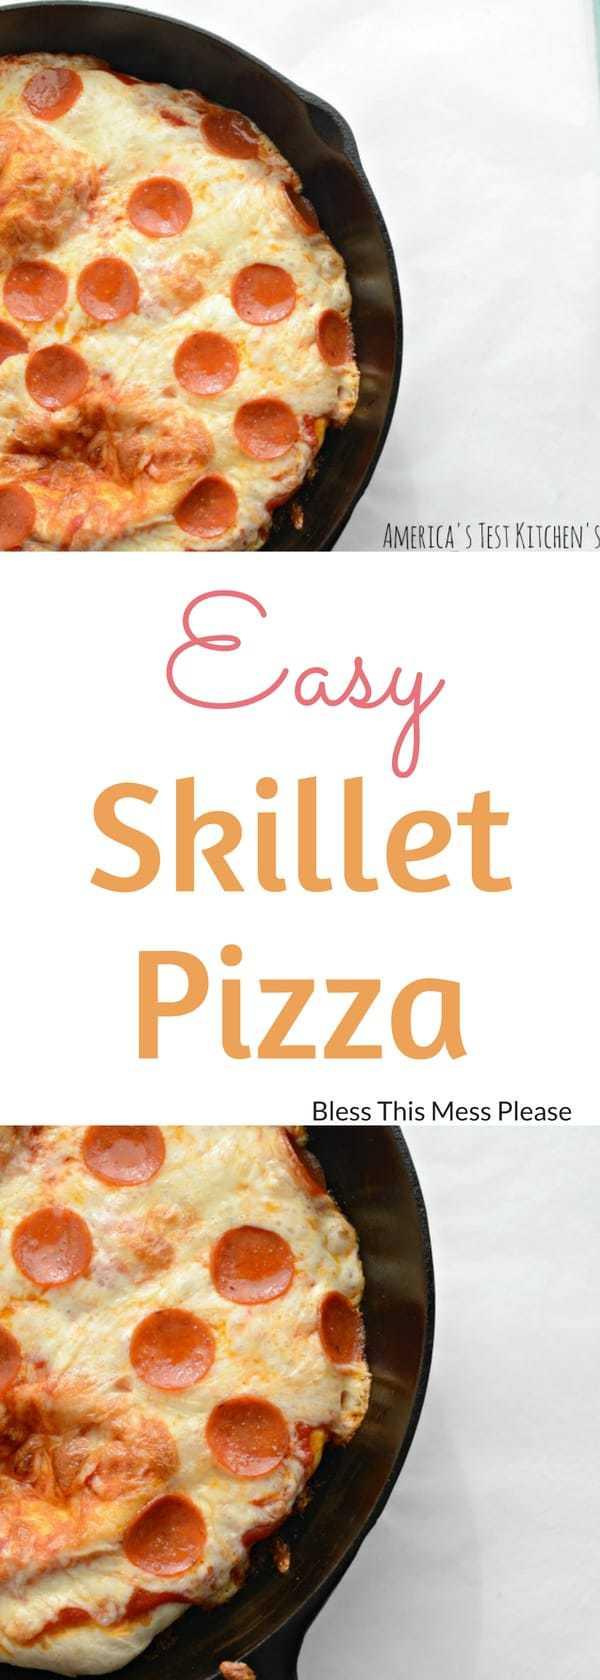 American S Test Kitchen Cookbook